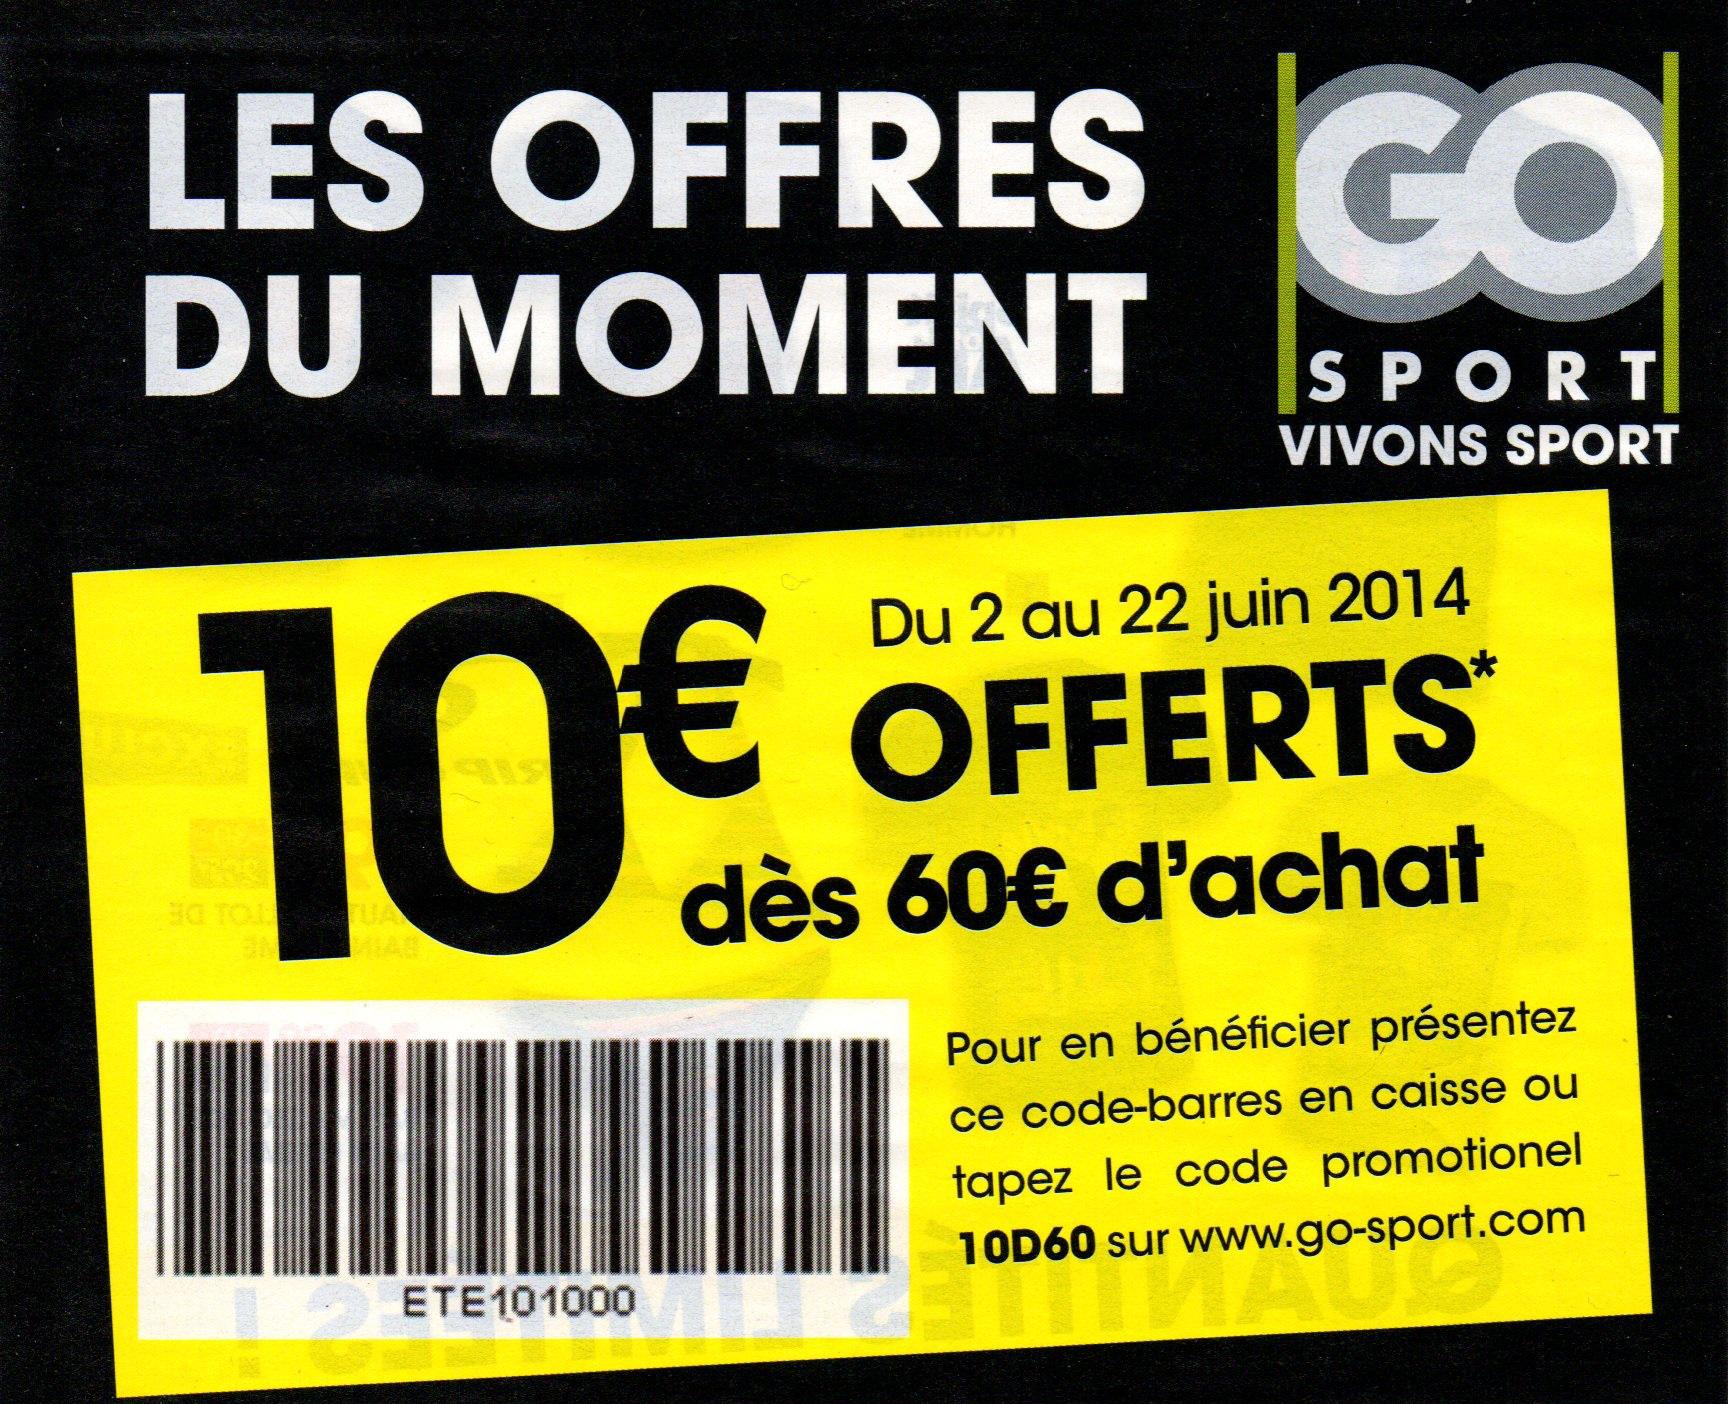 Réduction de 10€ dès 60€ d'achat en ligne et en magasin